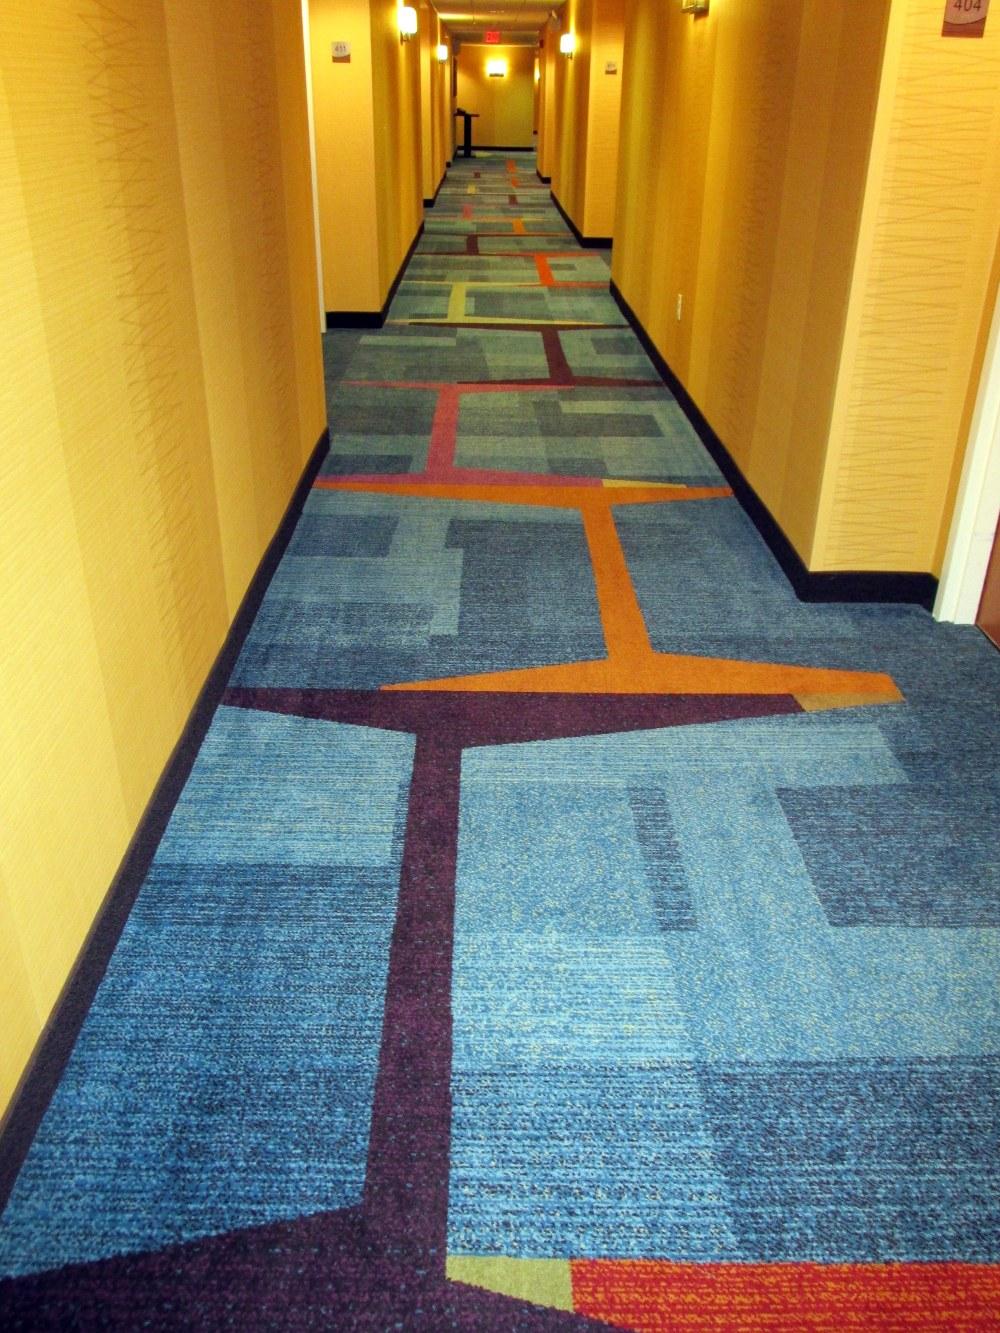 corridorcarpetdesignFairfieldInnhotelKennettSquarePA12Oct2017